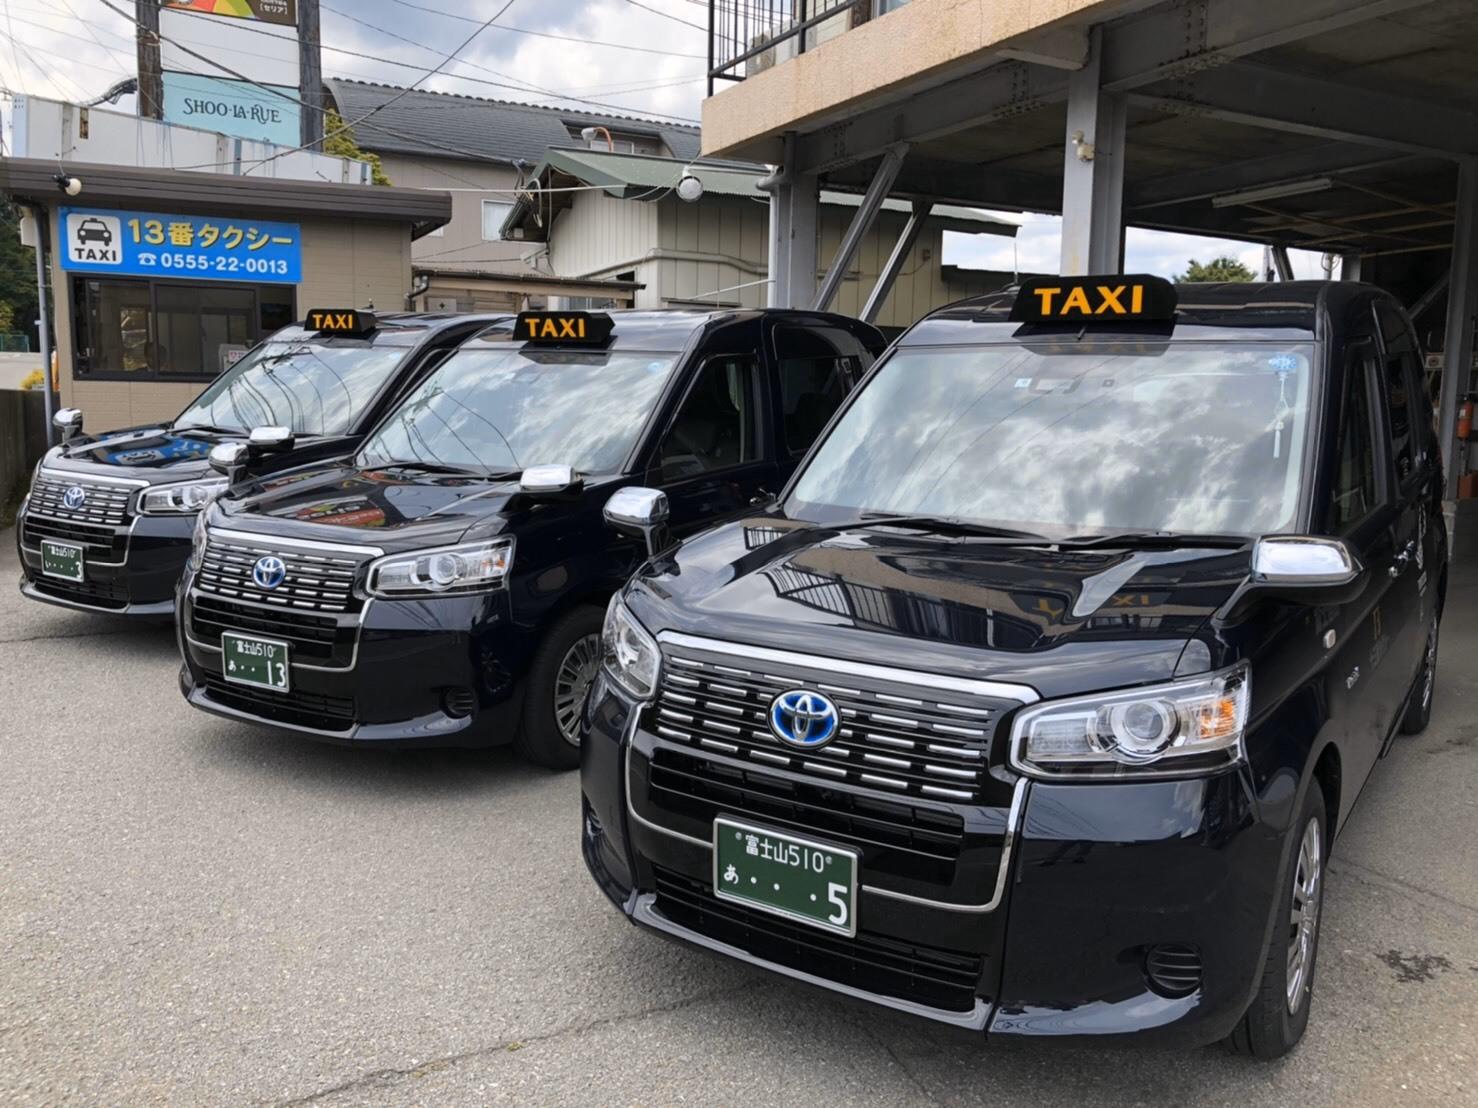 地元のタクシー会社、宅配代行サービスとの連携